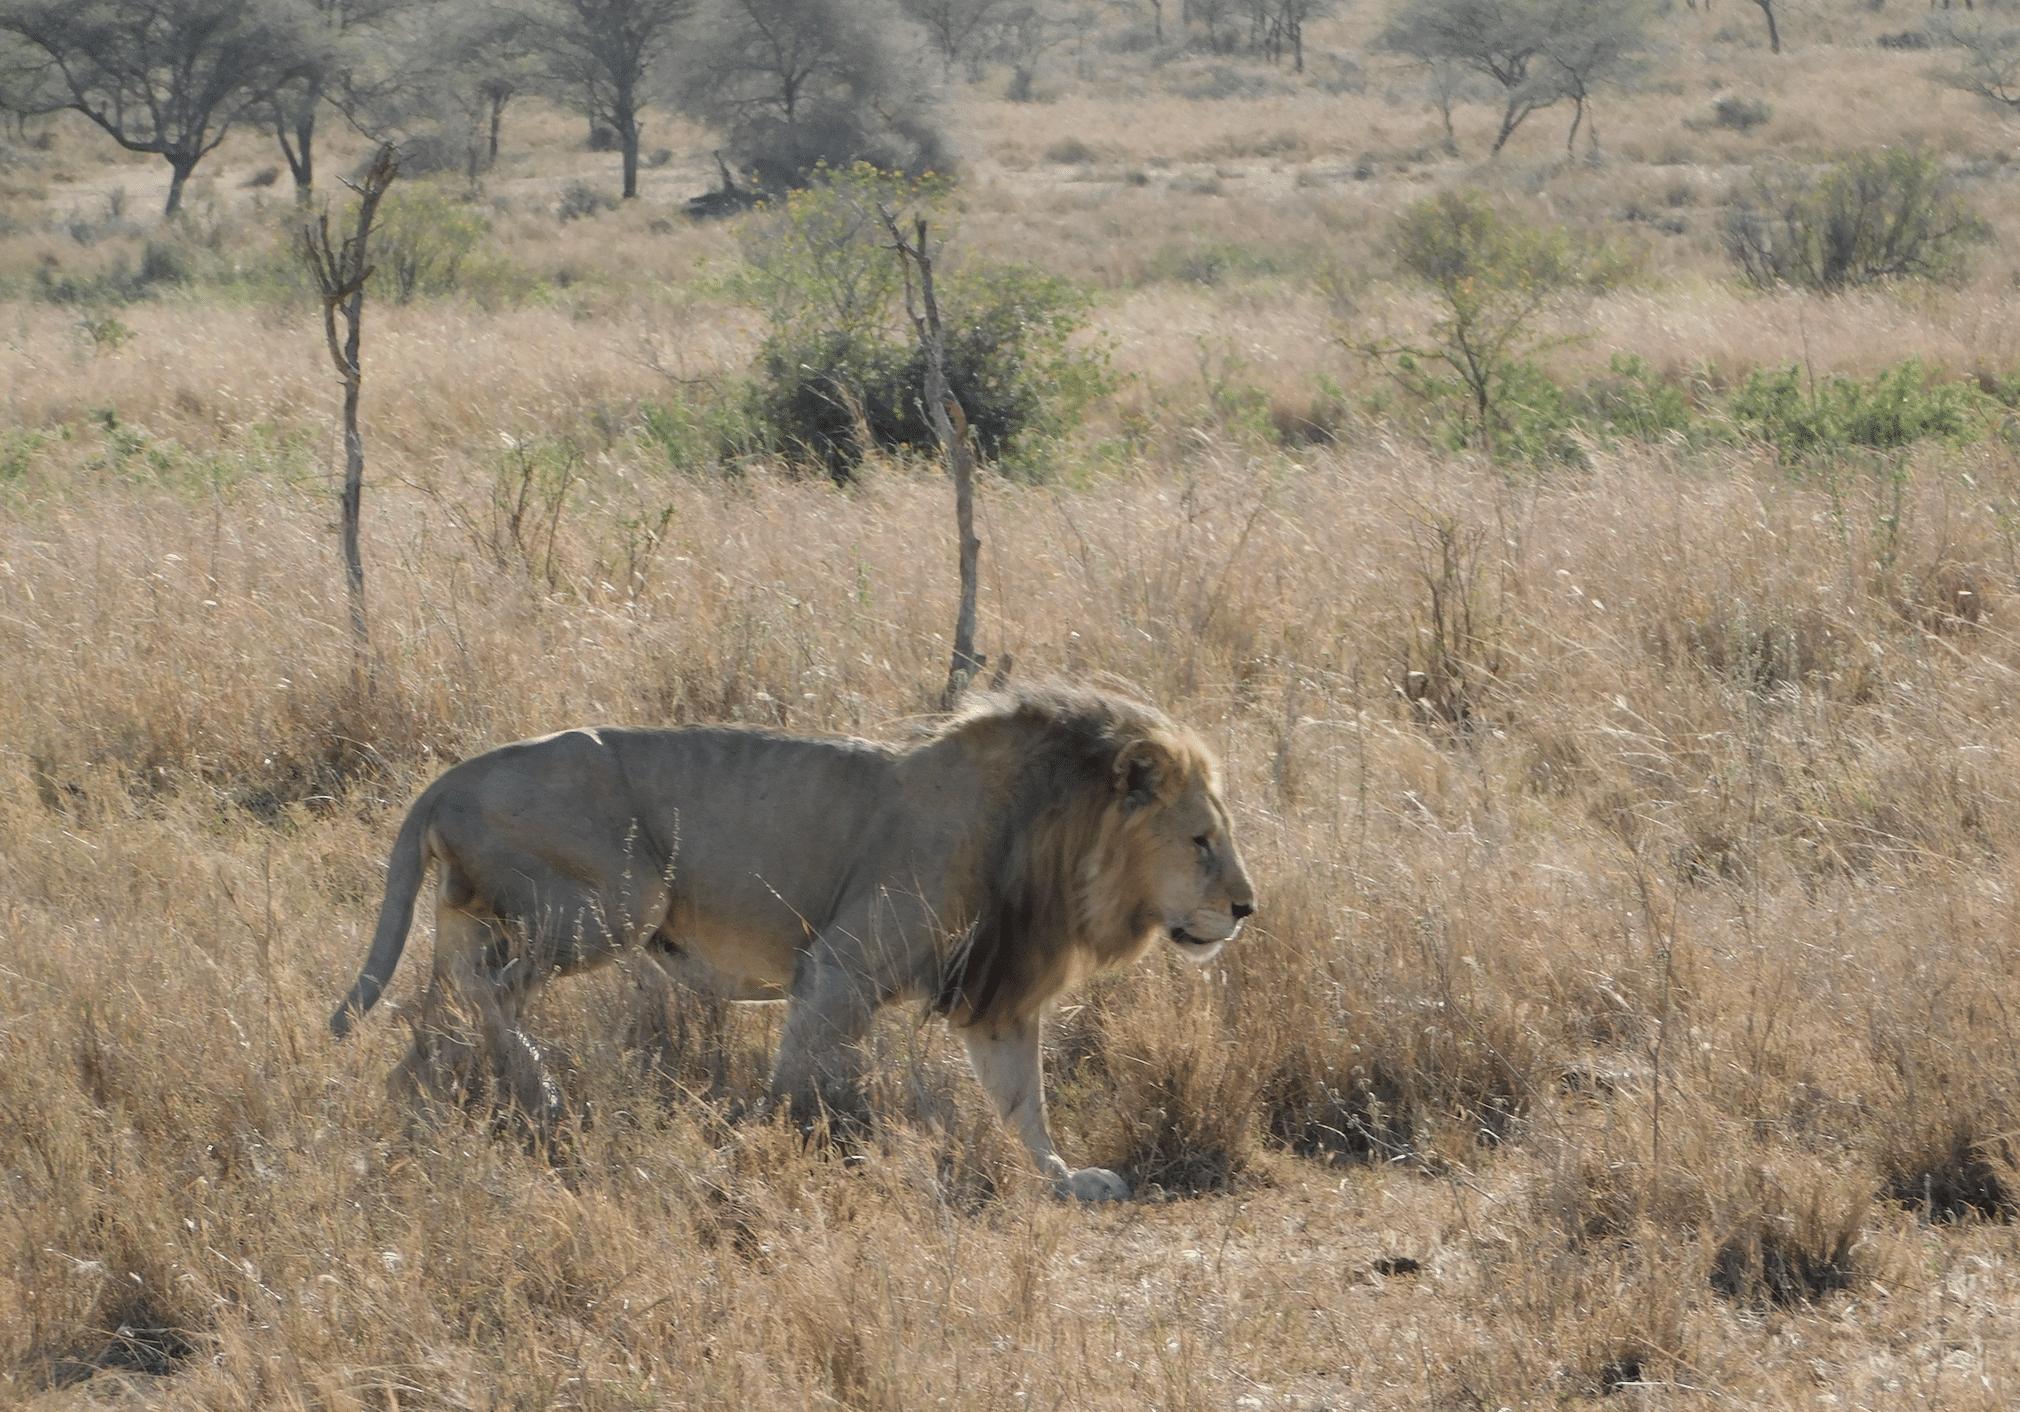 un lion dans le parc du serengeti